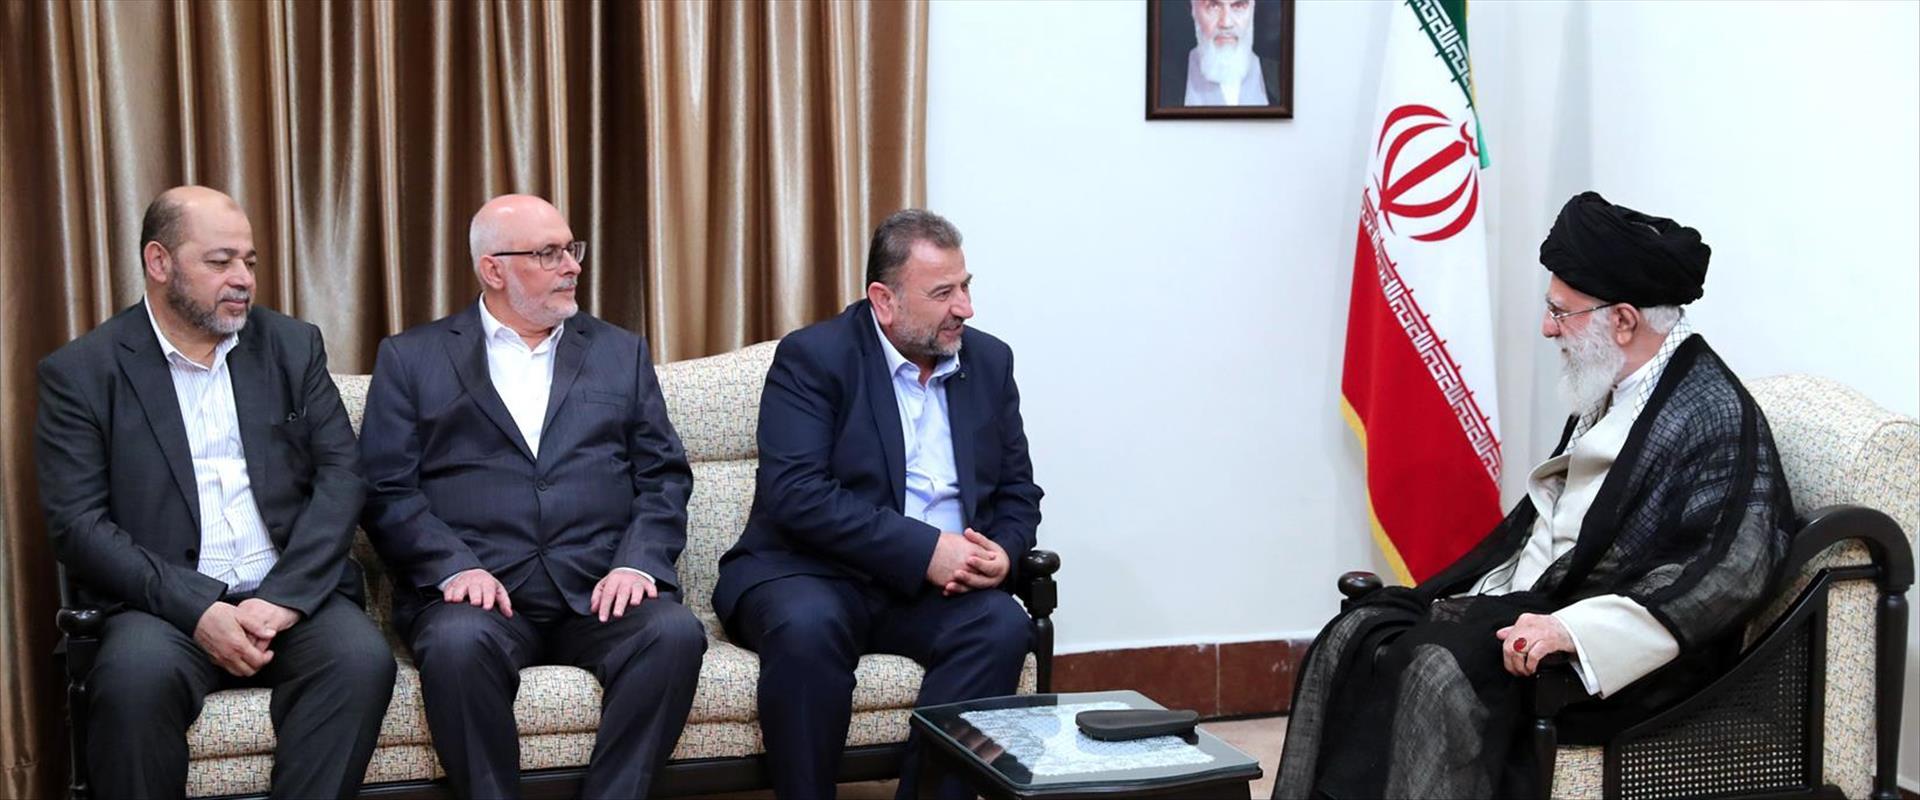 פגישת בכירי חמאס עם חמינאי באיראן 22.07.19